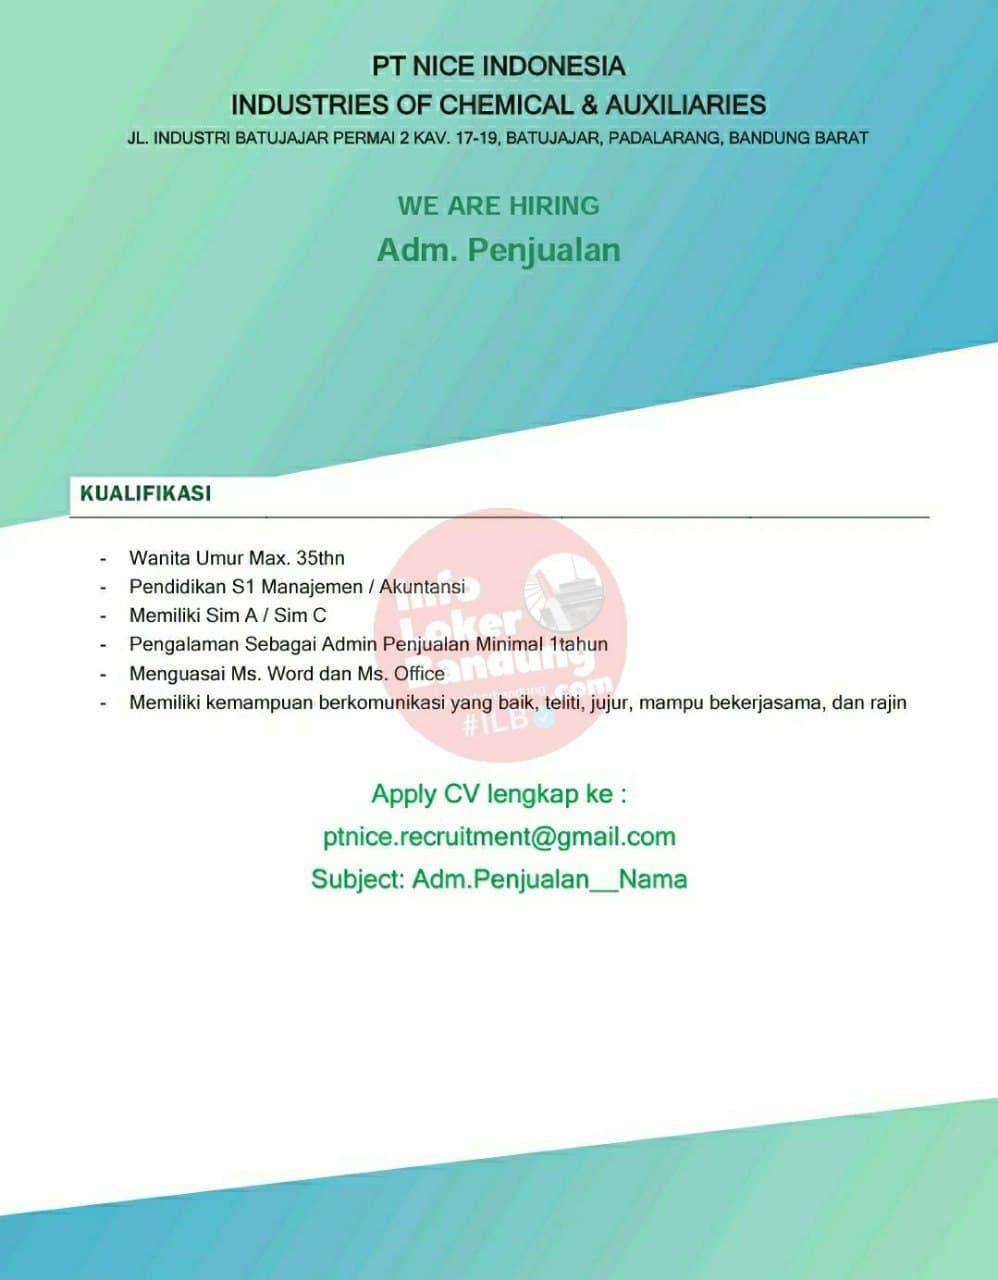 Lowongan Kerja PT. Nice Indonesia Bandung Juni 2021 - Info ...